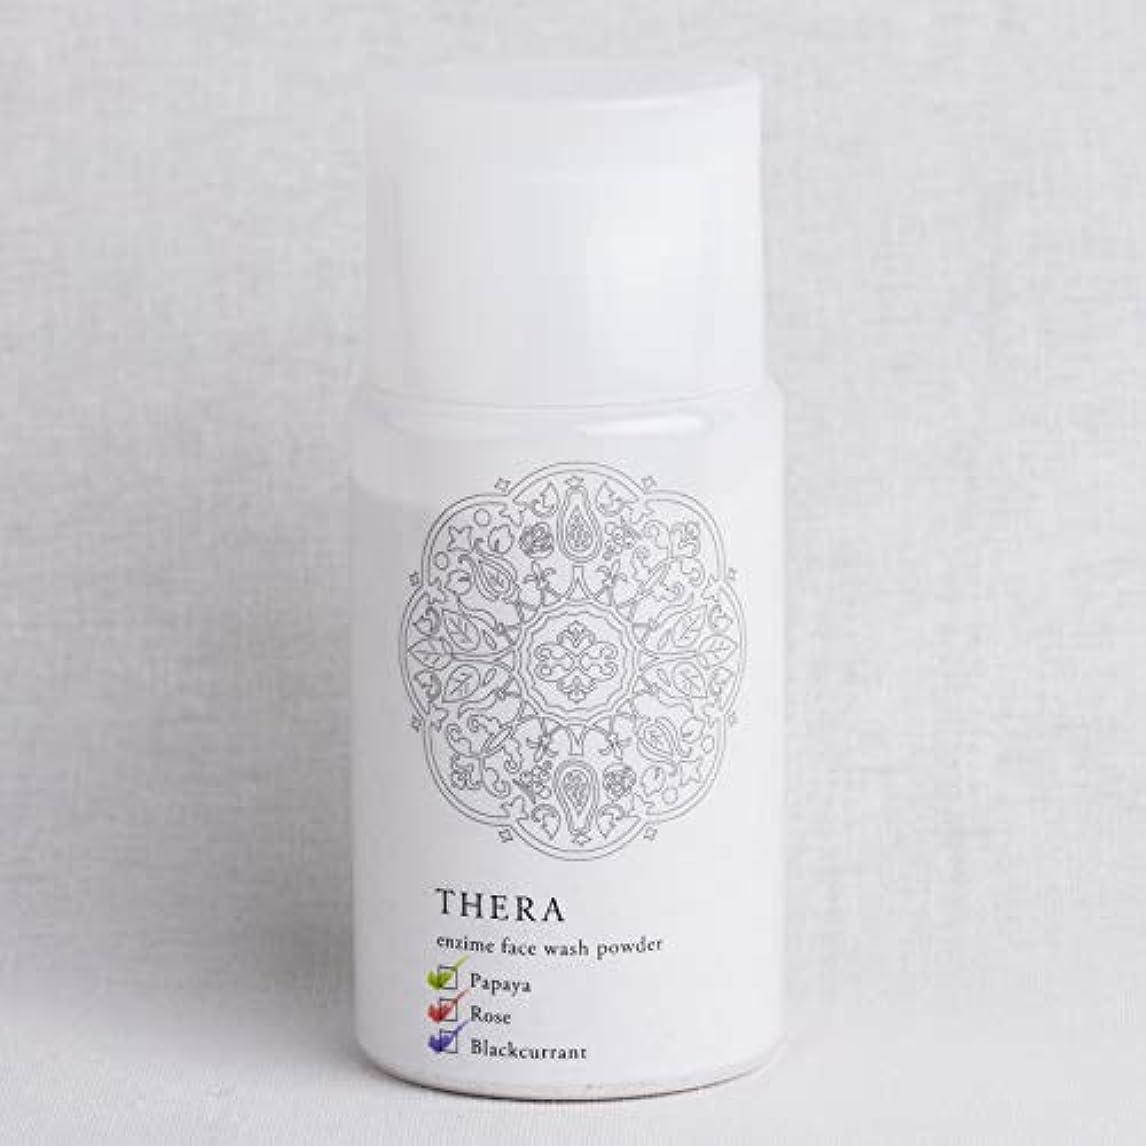 七時半過去幅THERA(テラ) 酵素のあらい粉 洗顔 あか 50g